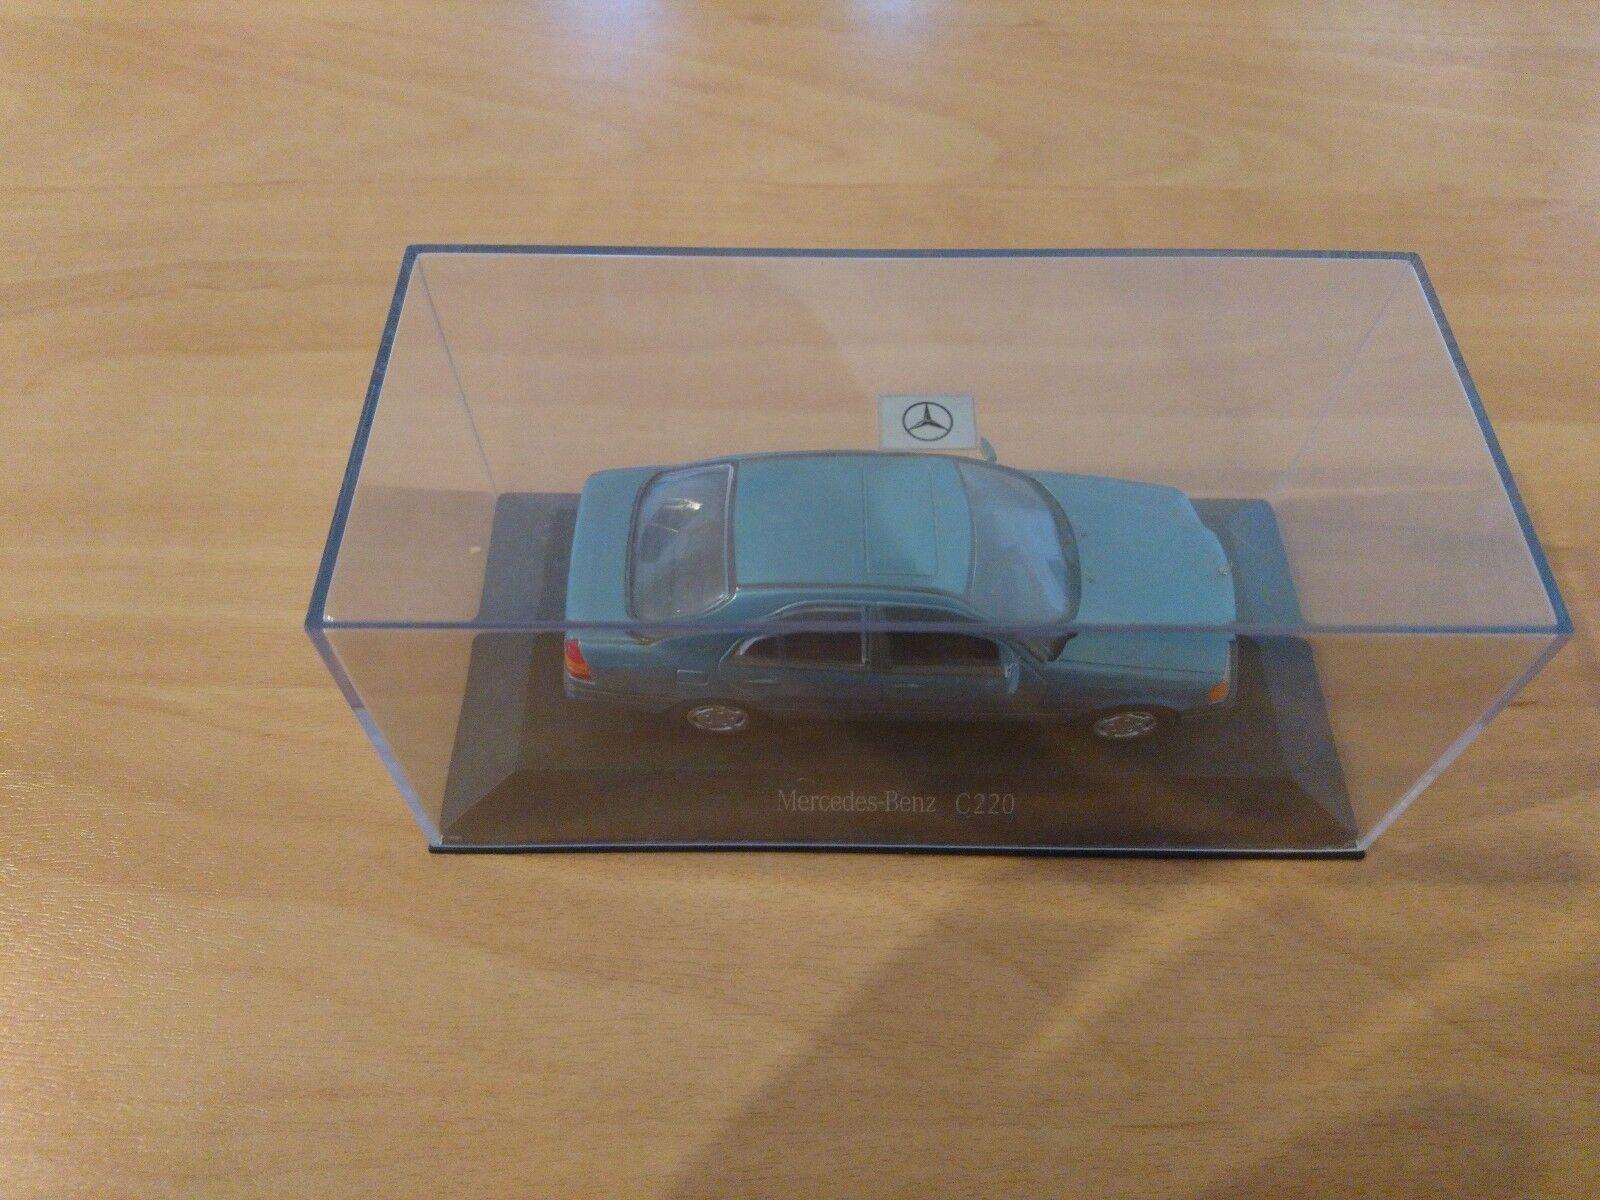 MINICHAMPS Mercedes-Benz C220 blau metallic PMA    Fein Verarbeitet